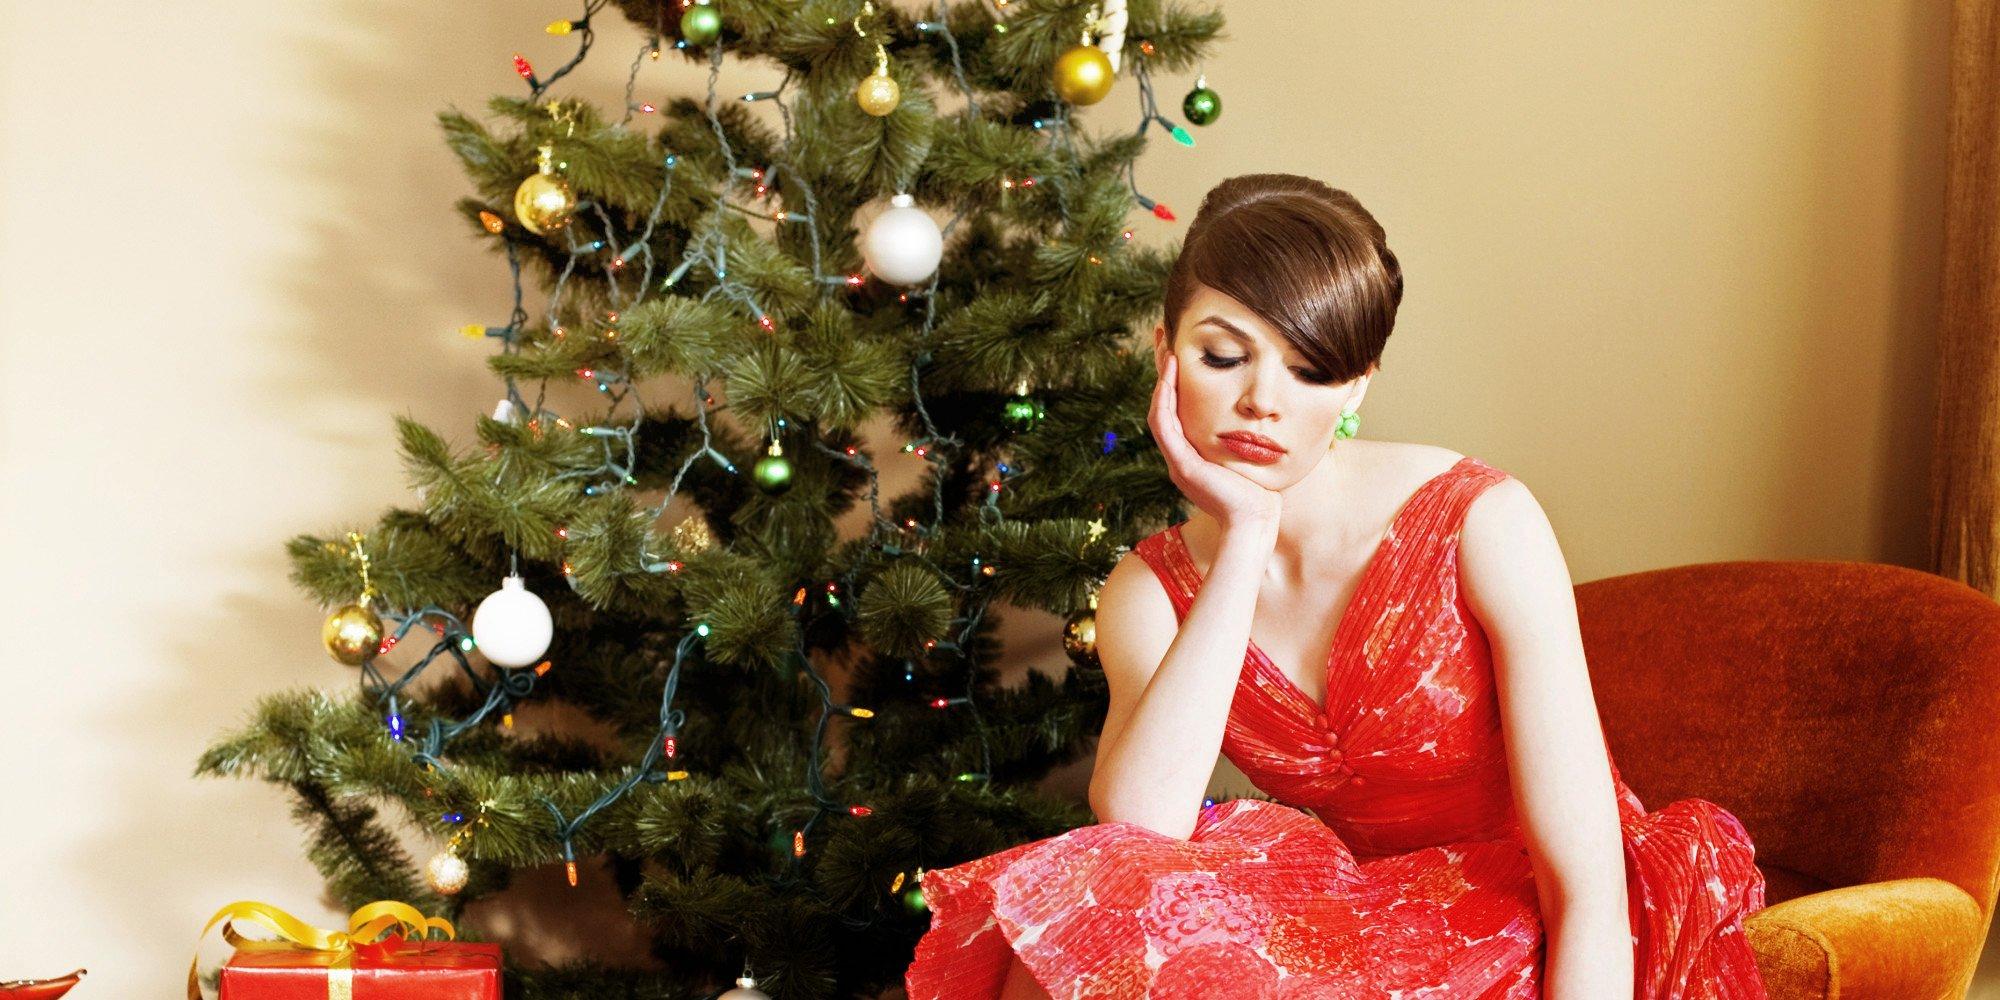 depressione natalizia- riconoscerla